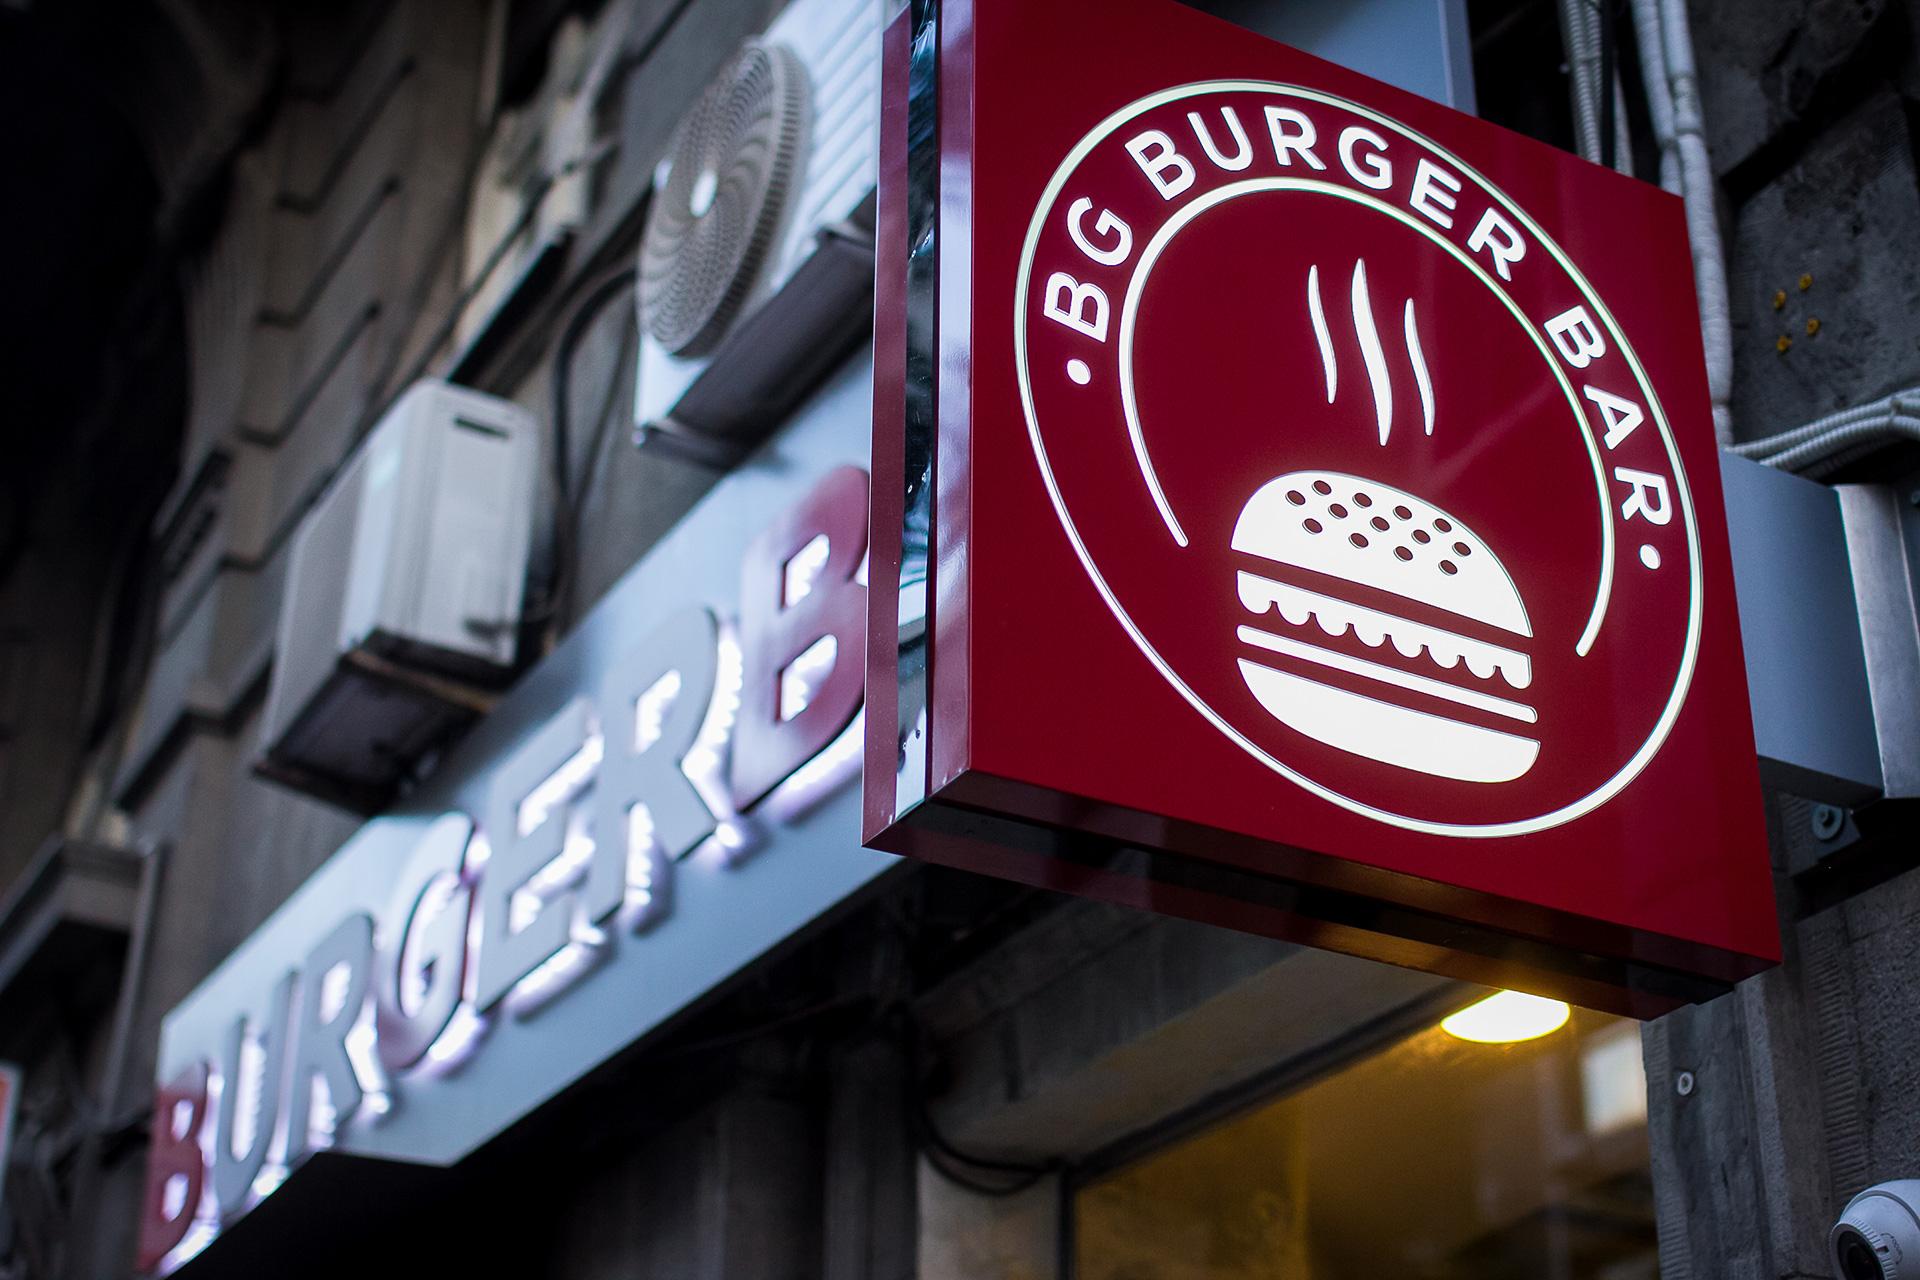 Dizajn animirane svetleće reklame za restoran BG Burger Bar, Beograd